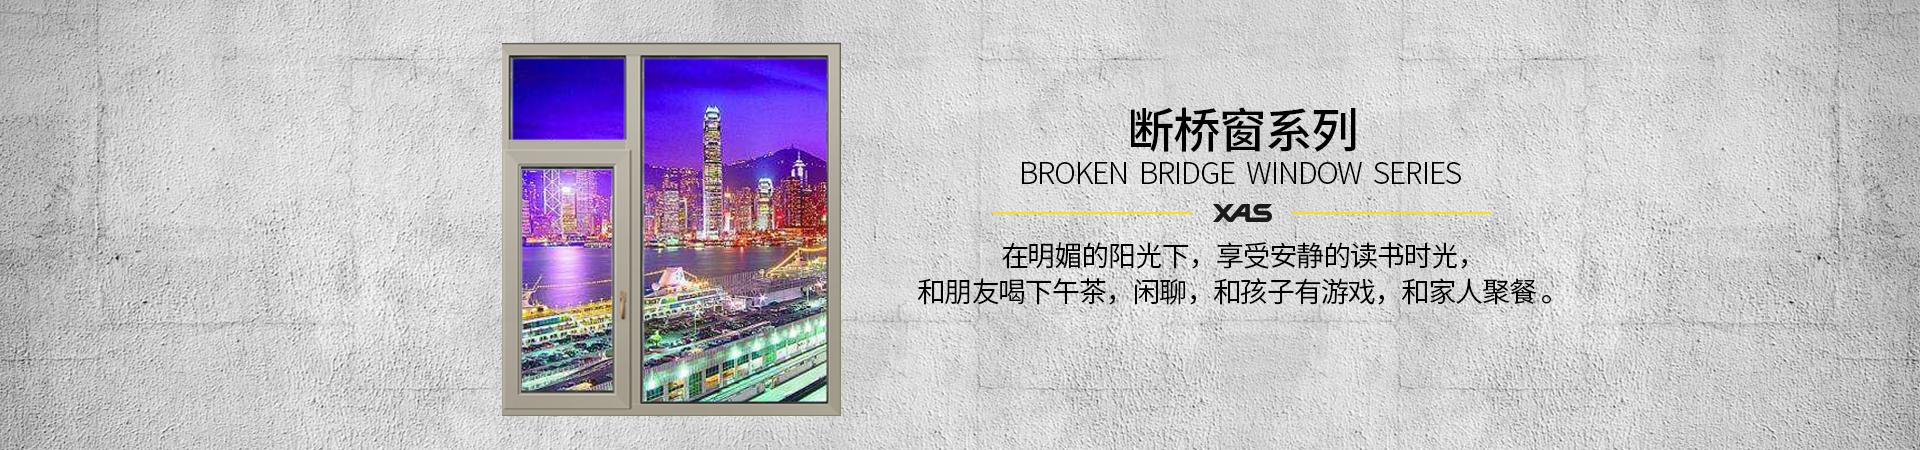 断桥窗系列